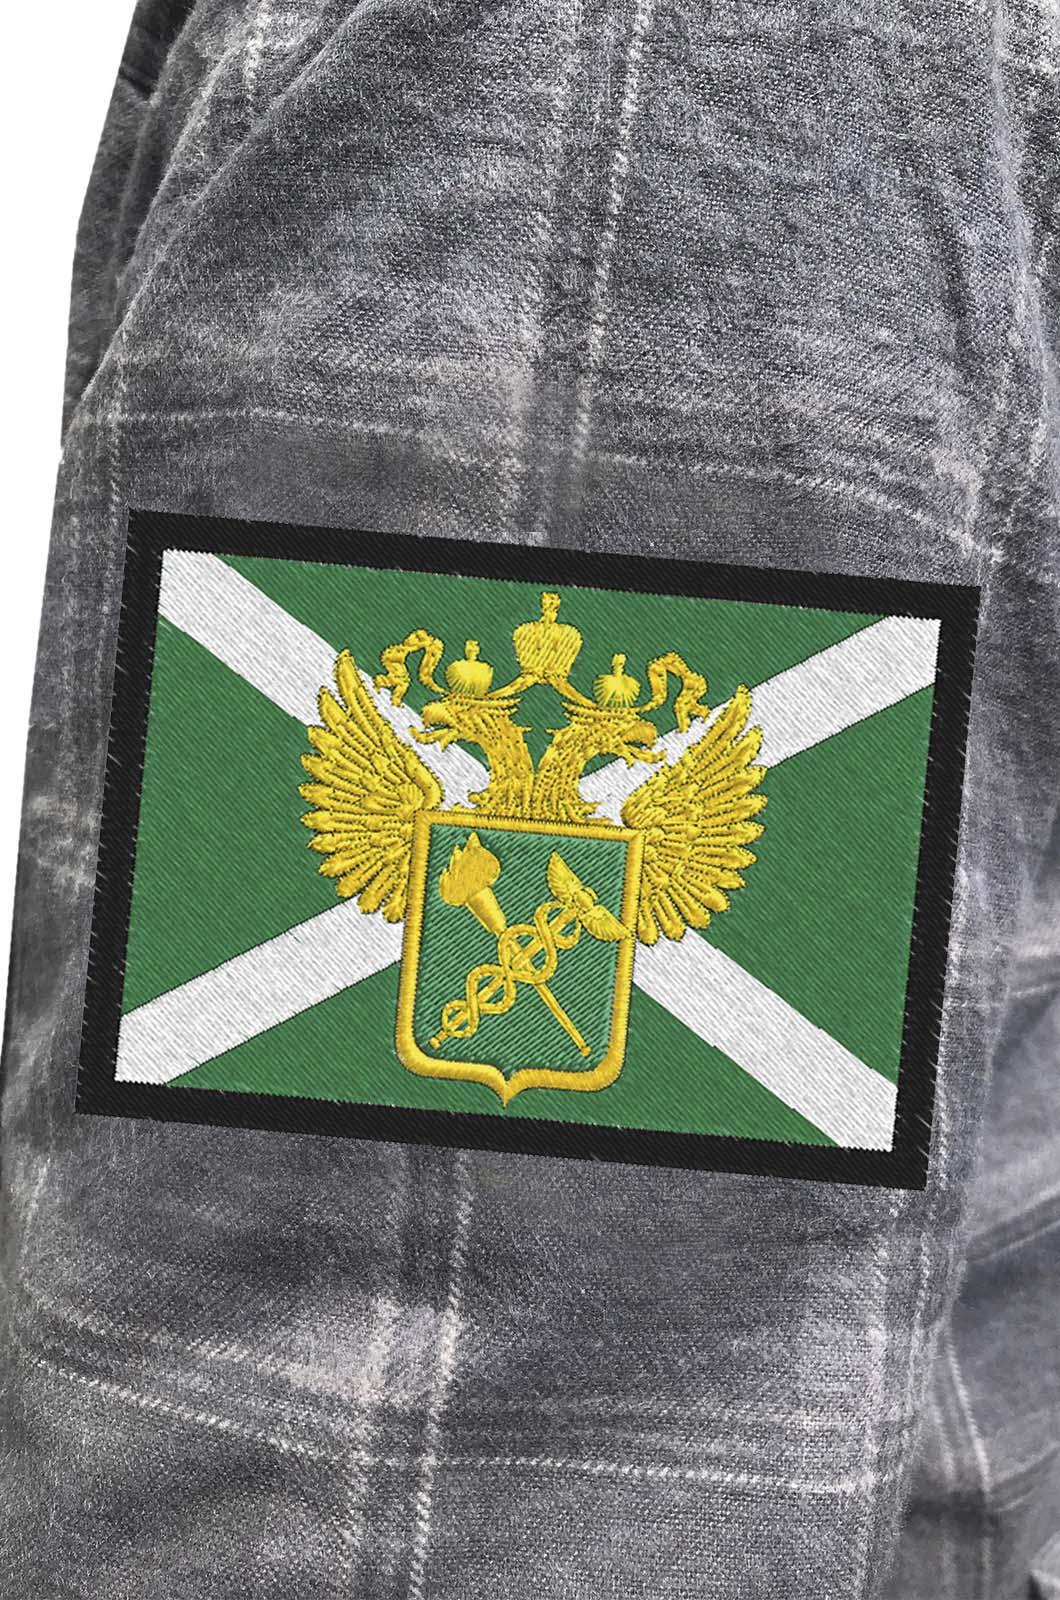 Мужская теплая рубашка с вышитым шевроном Таможни России - купить в Военпро